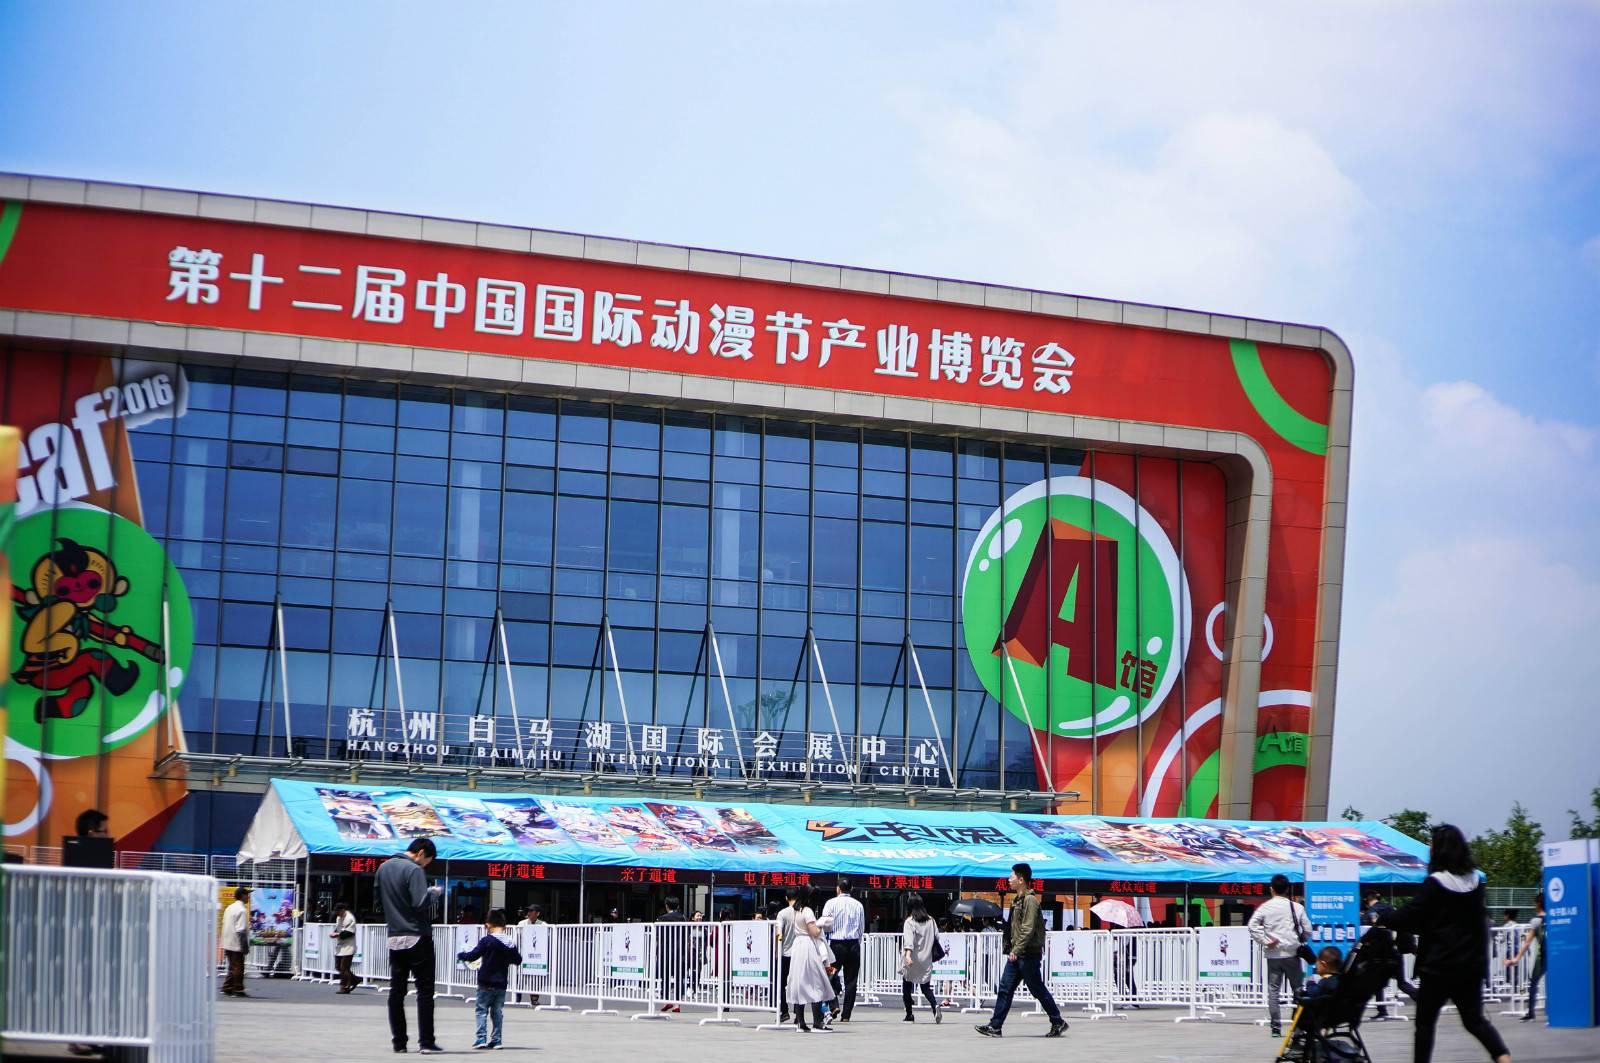 蓝铅笔第十二届杭州国际动漫节之旅